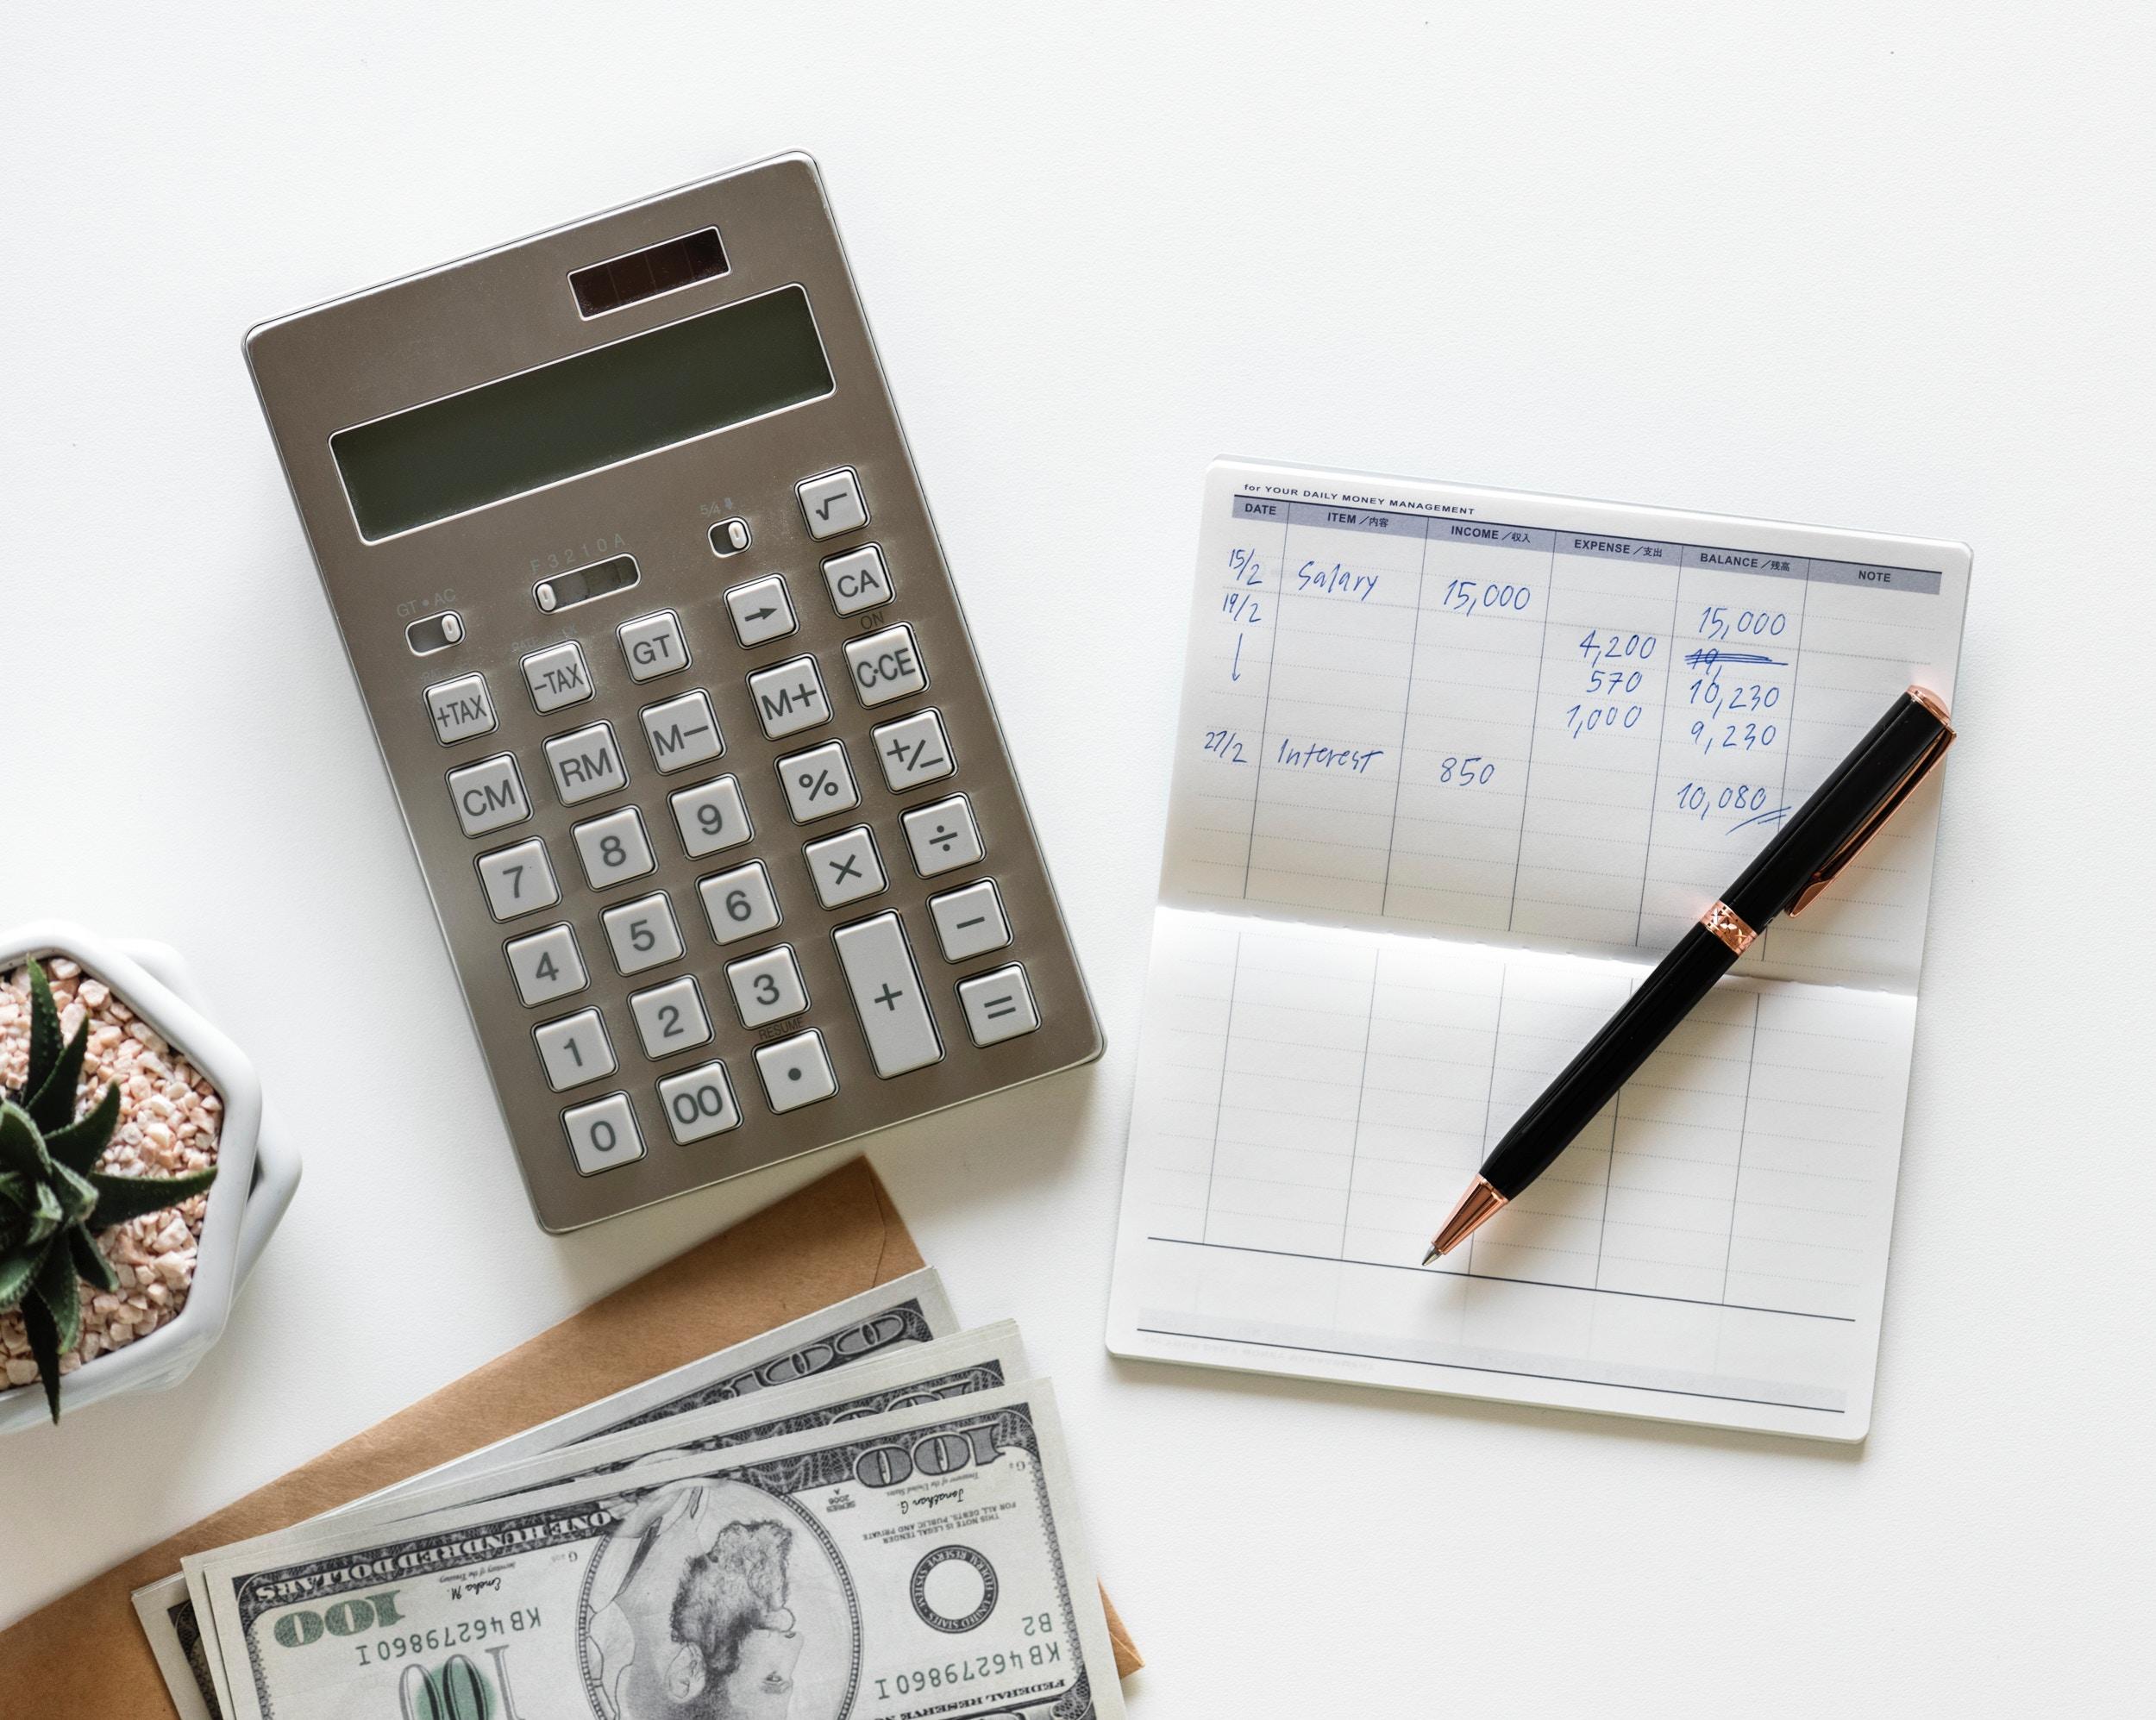 Ruim helft inkomen gaat op aan vaste lasten